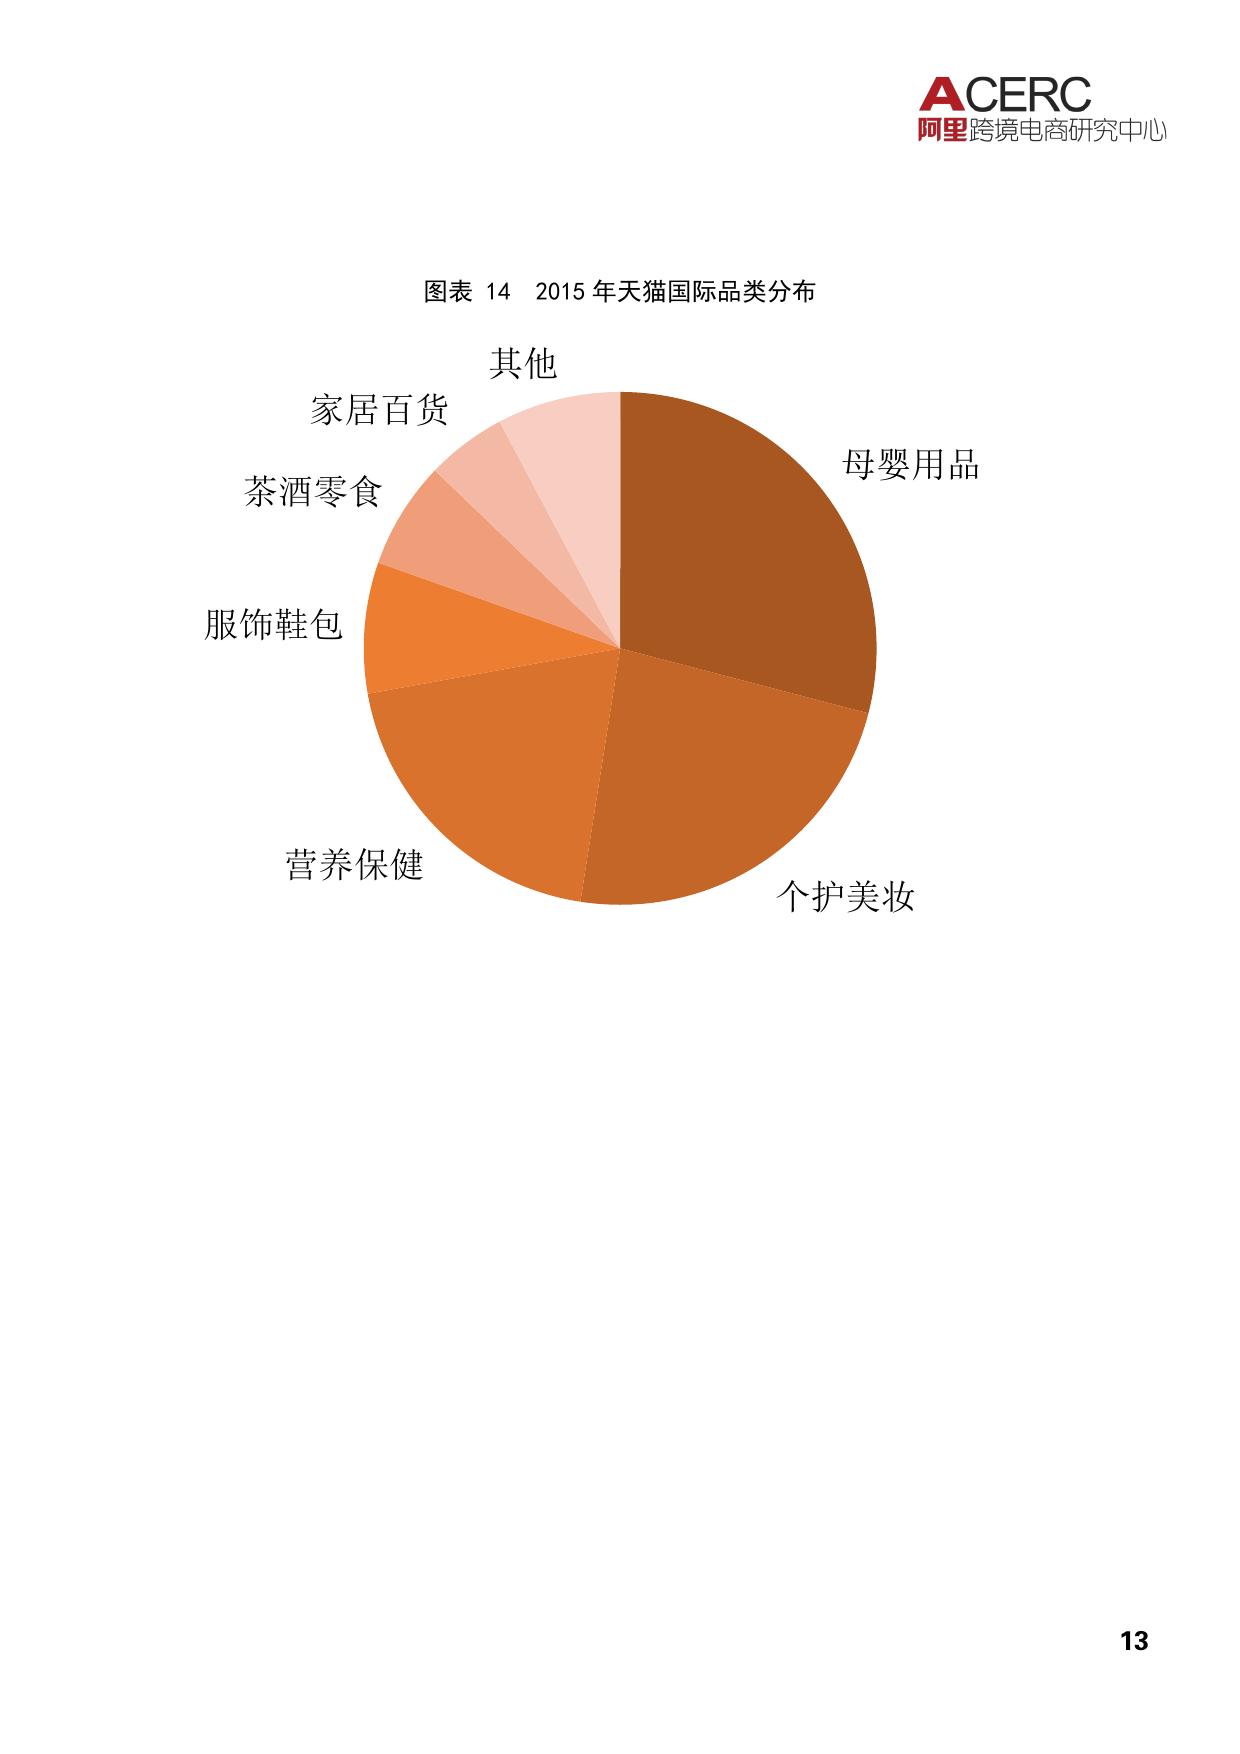 2016中国跨境电商发展报告_000017